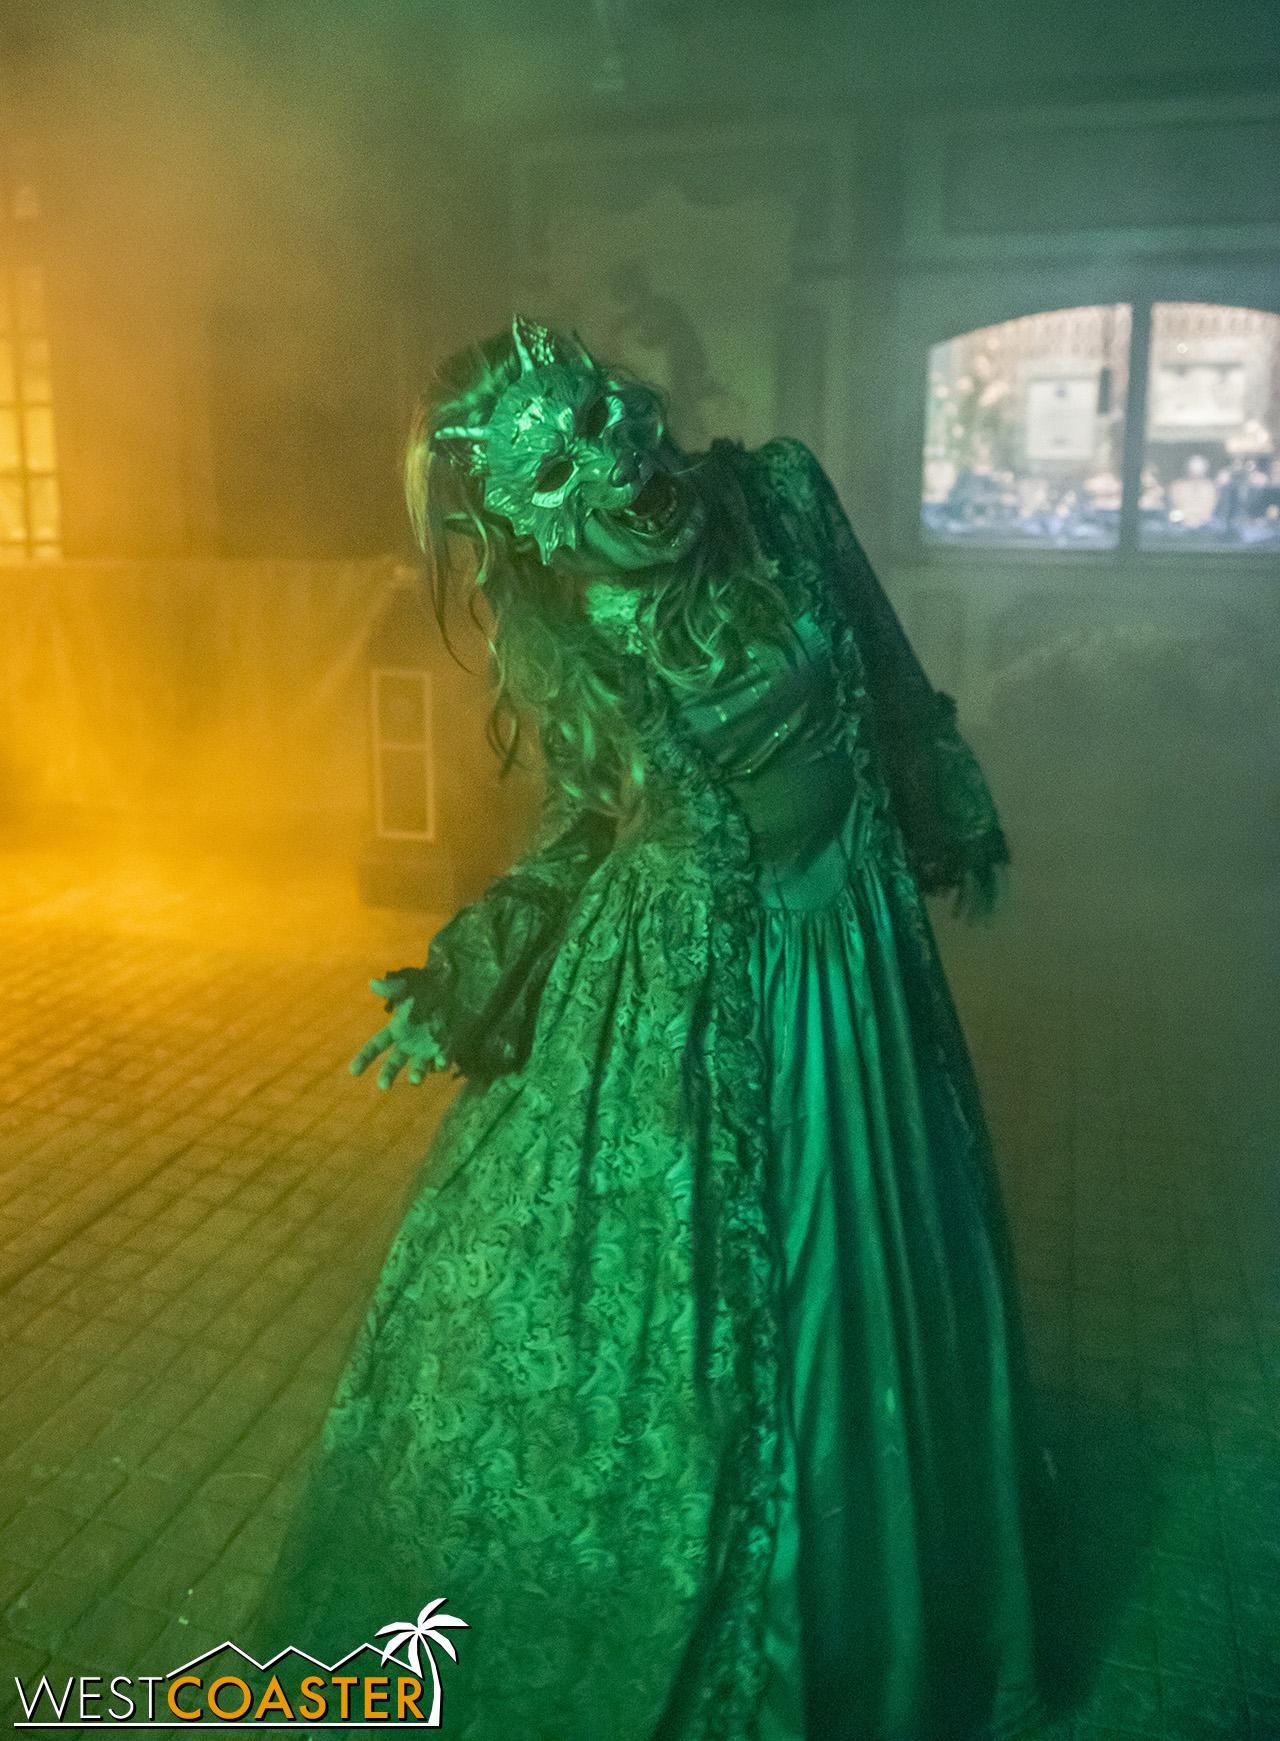 USHHHN-18_0922-D-MonsterMasquerade-0003.jpg